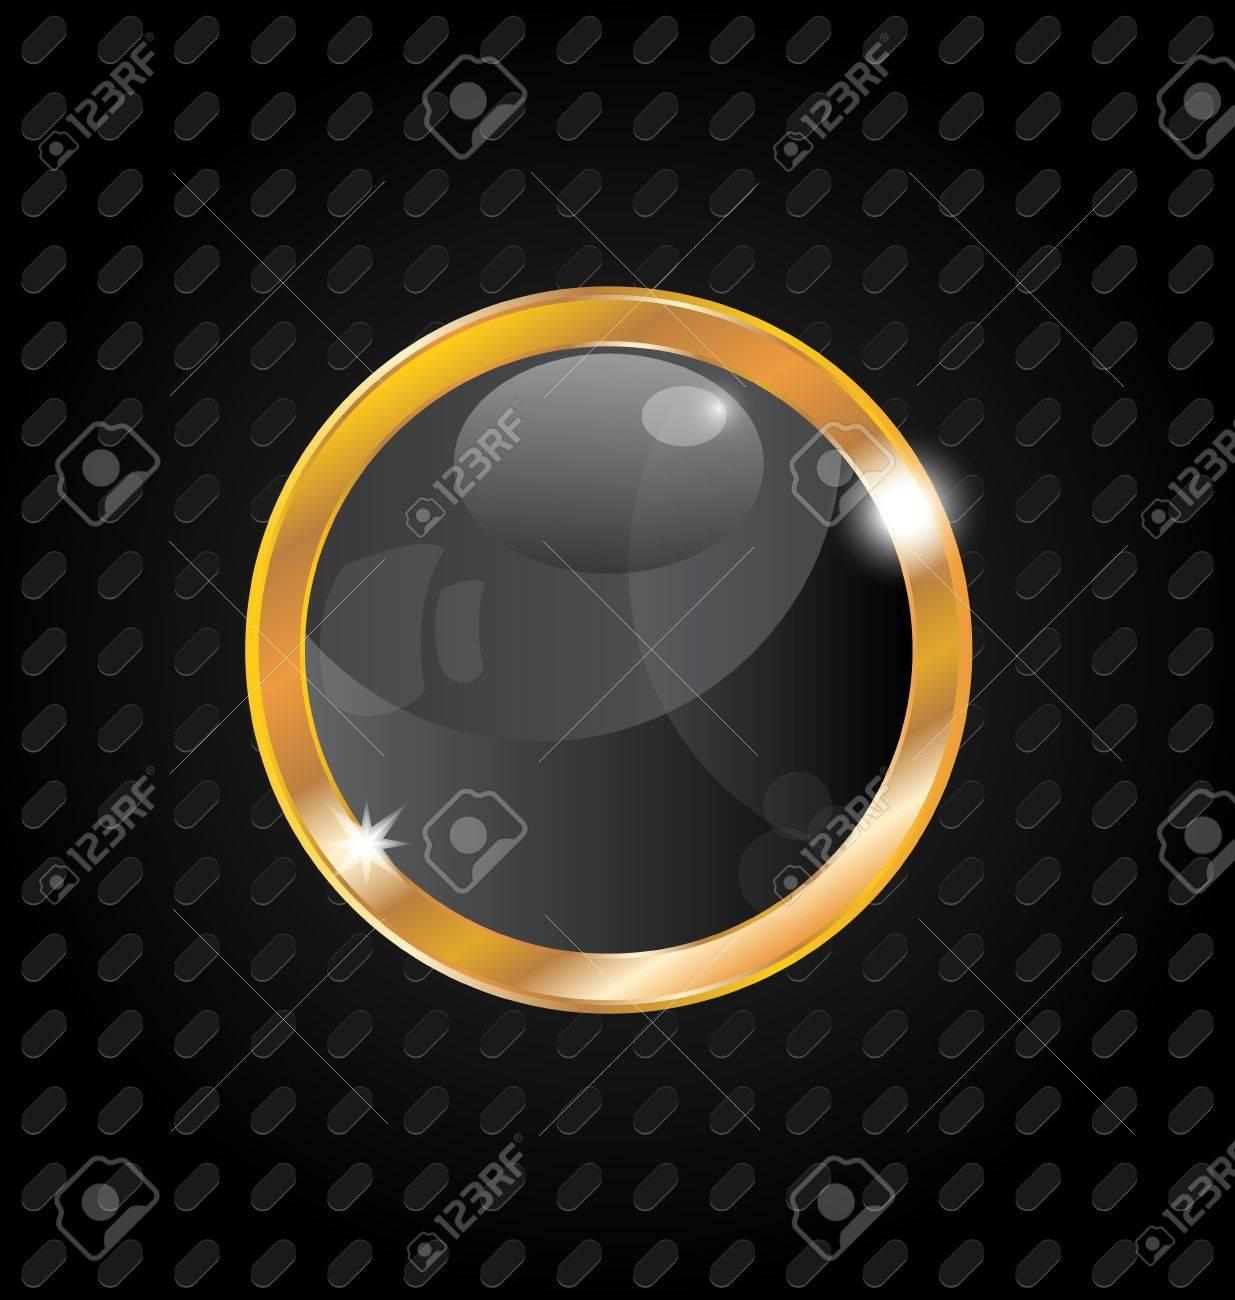 Illustration golden luxury ball isolated on aluminum background Stock Vector - 13865276